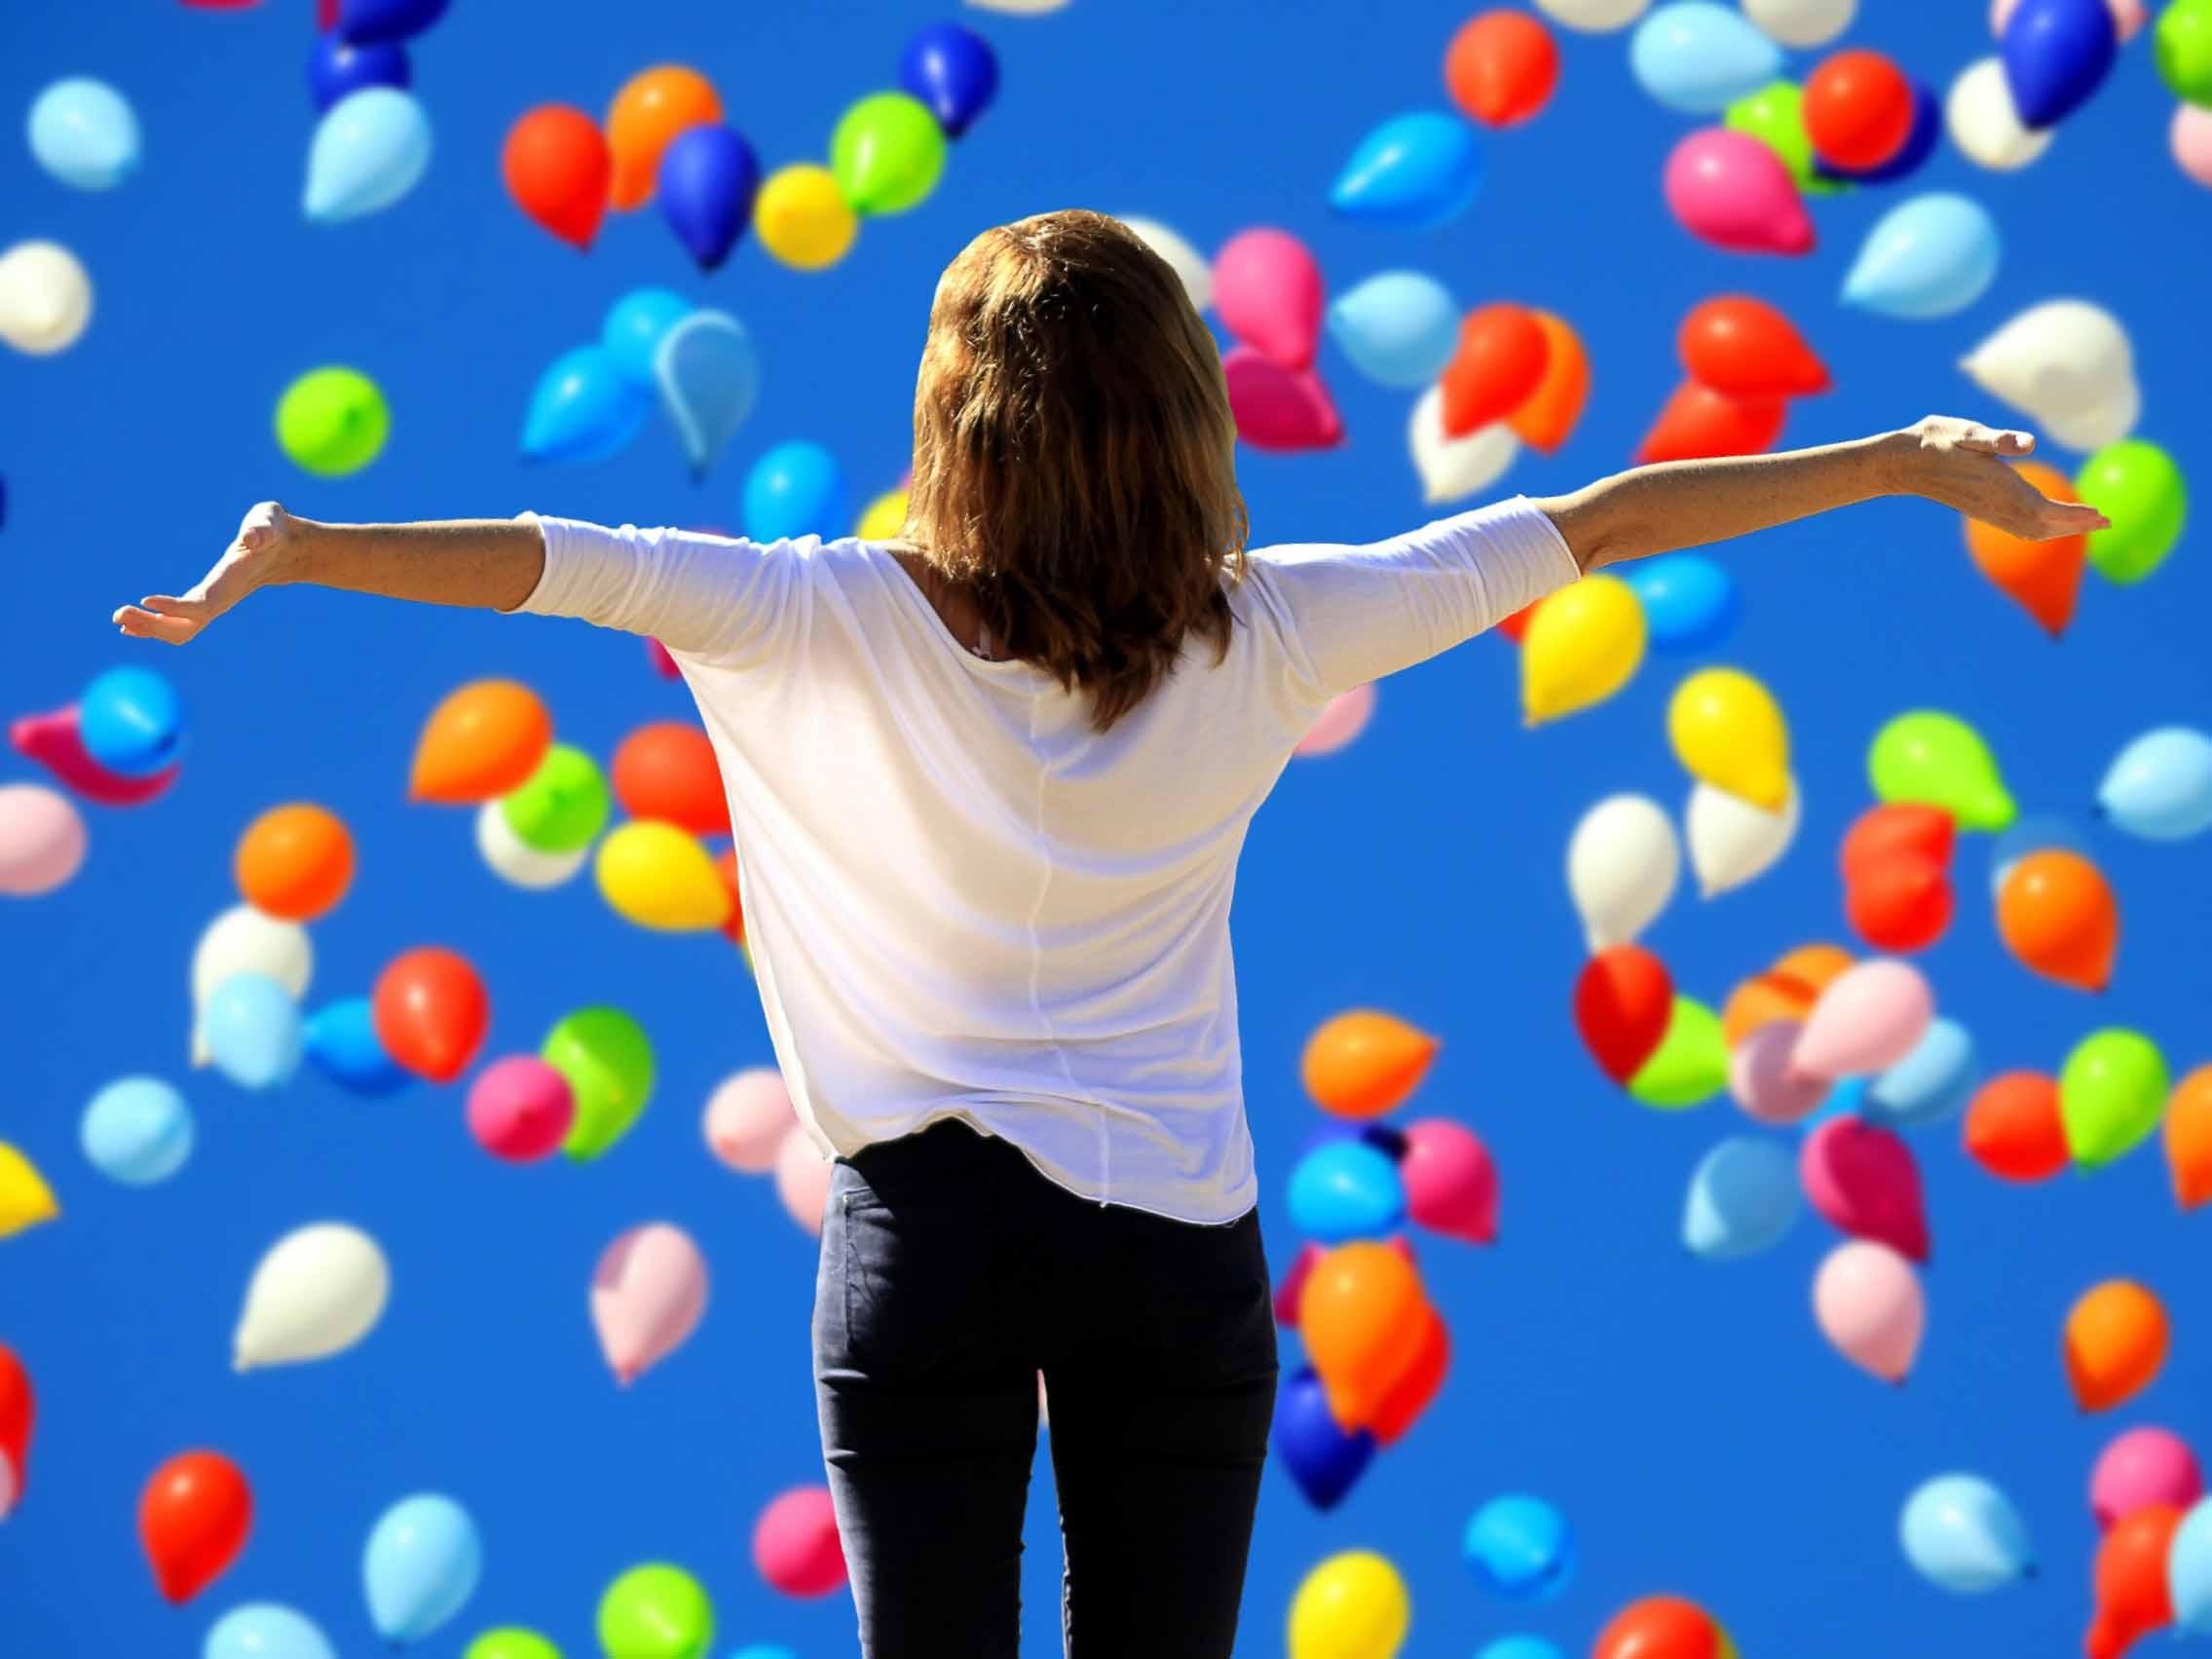 La felicidad no es como en las películas